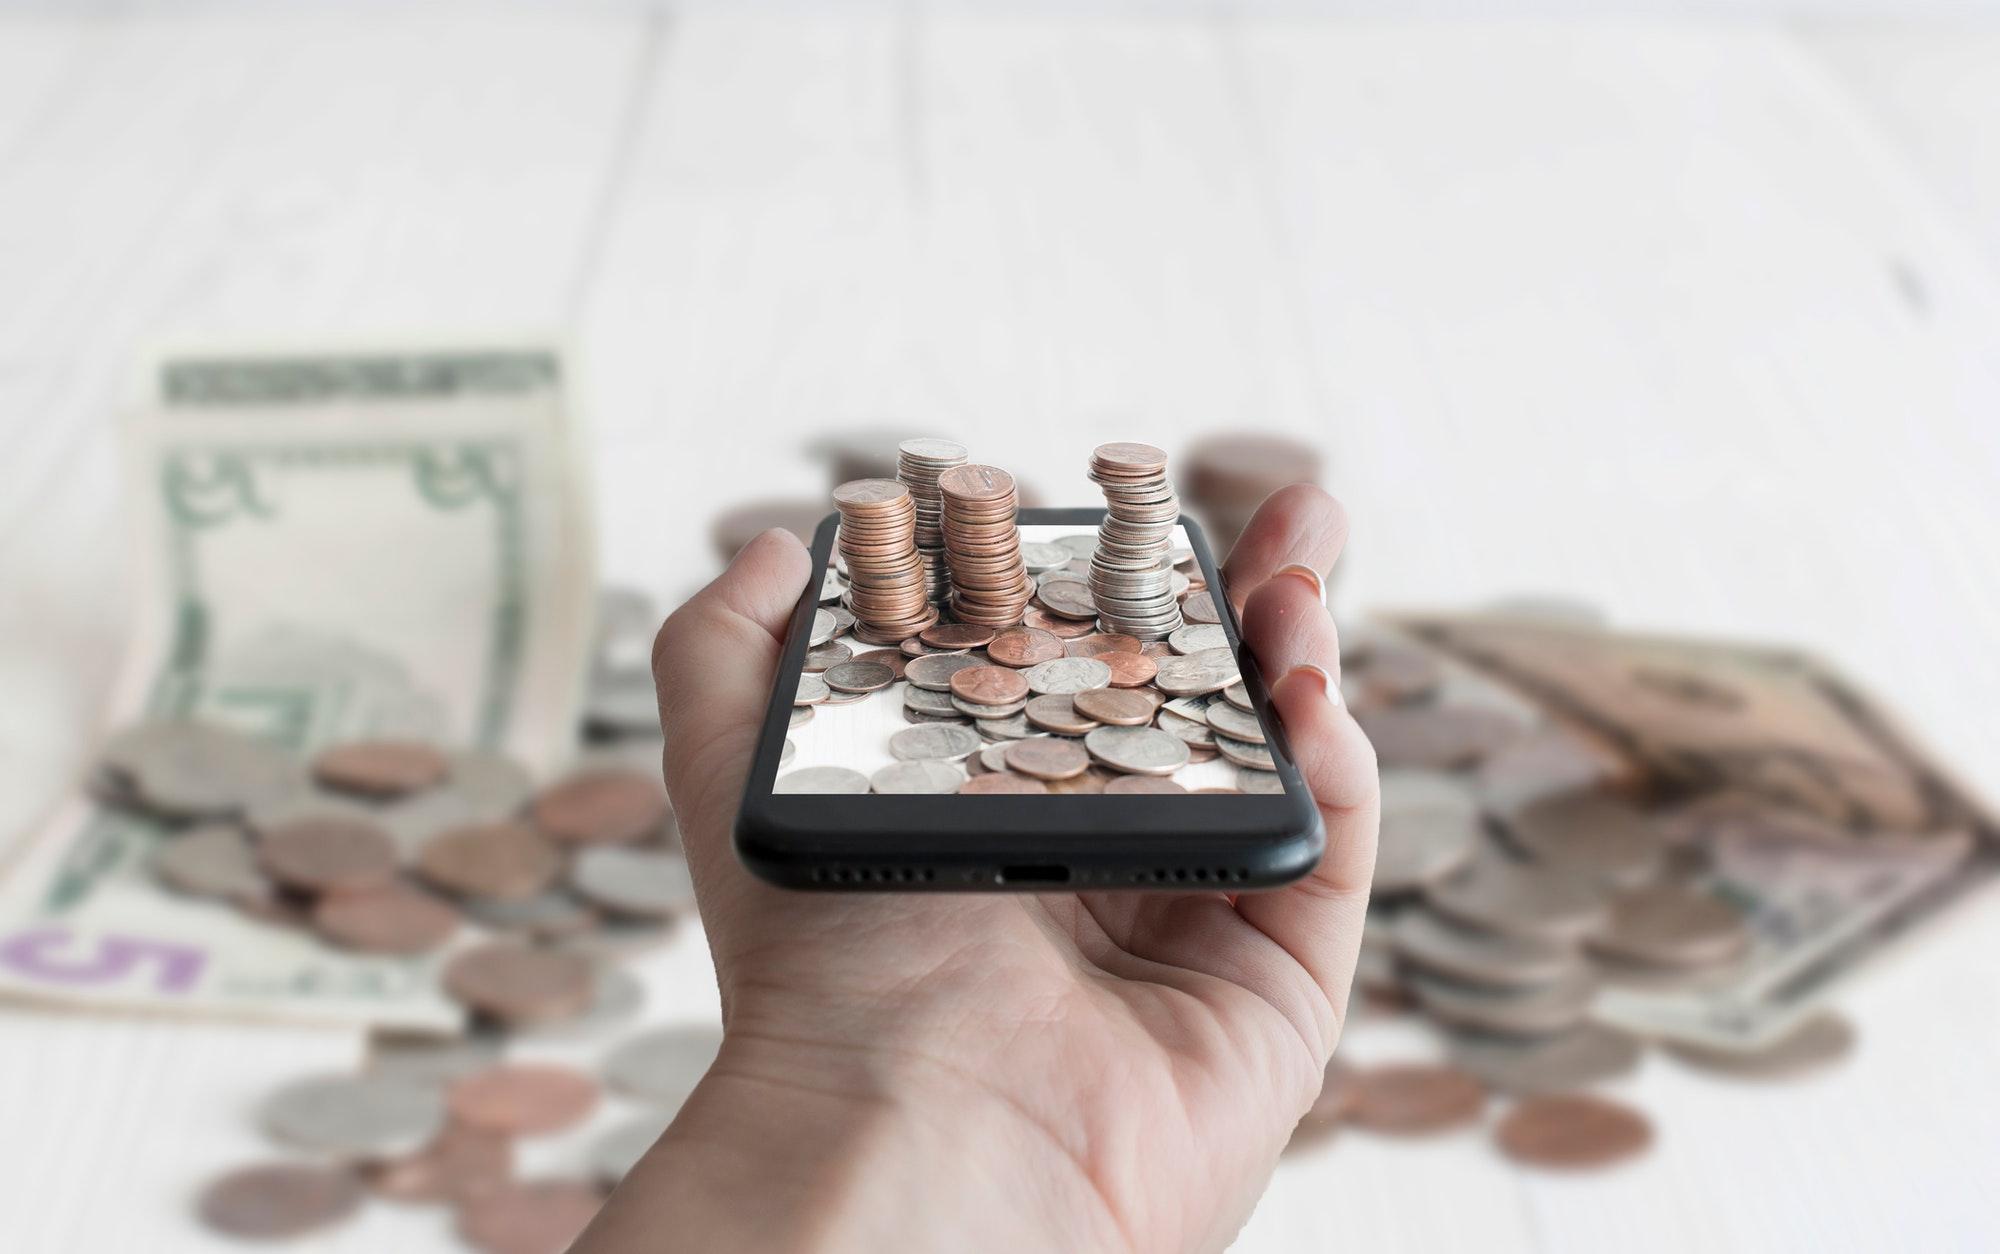 Money in smartphone